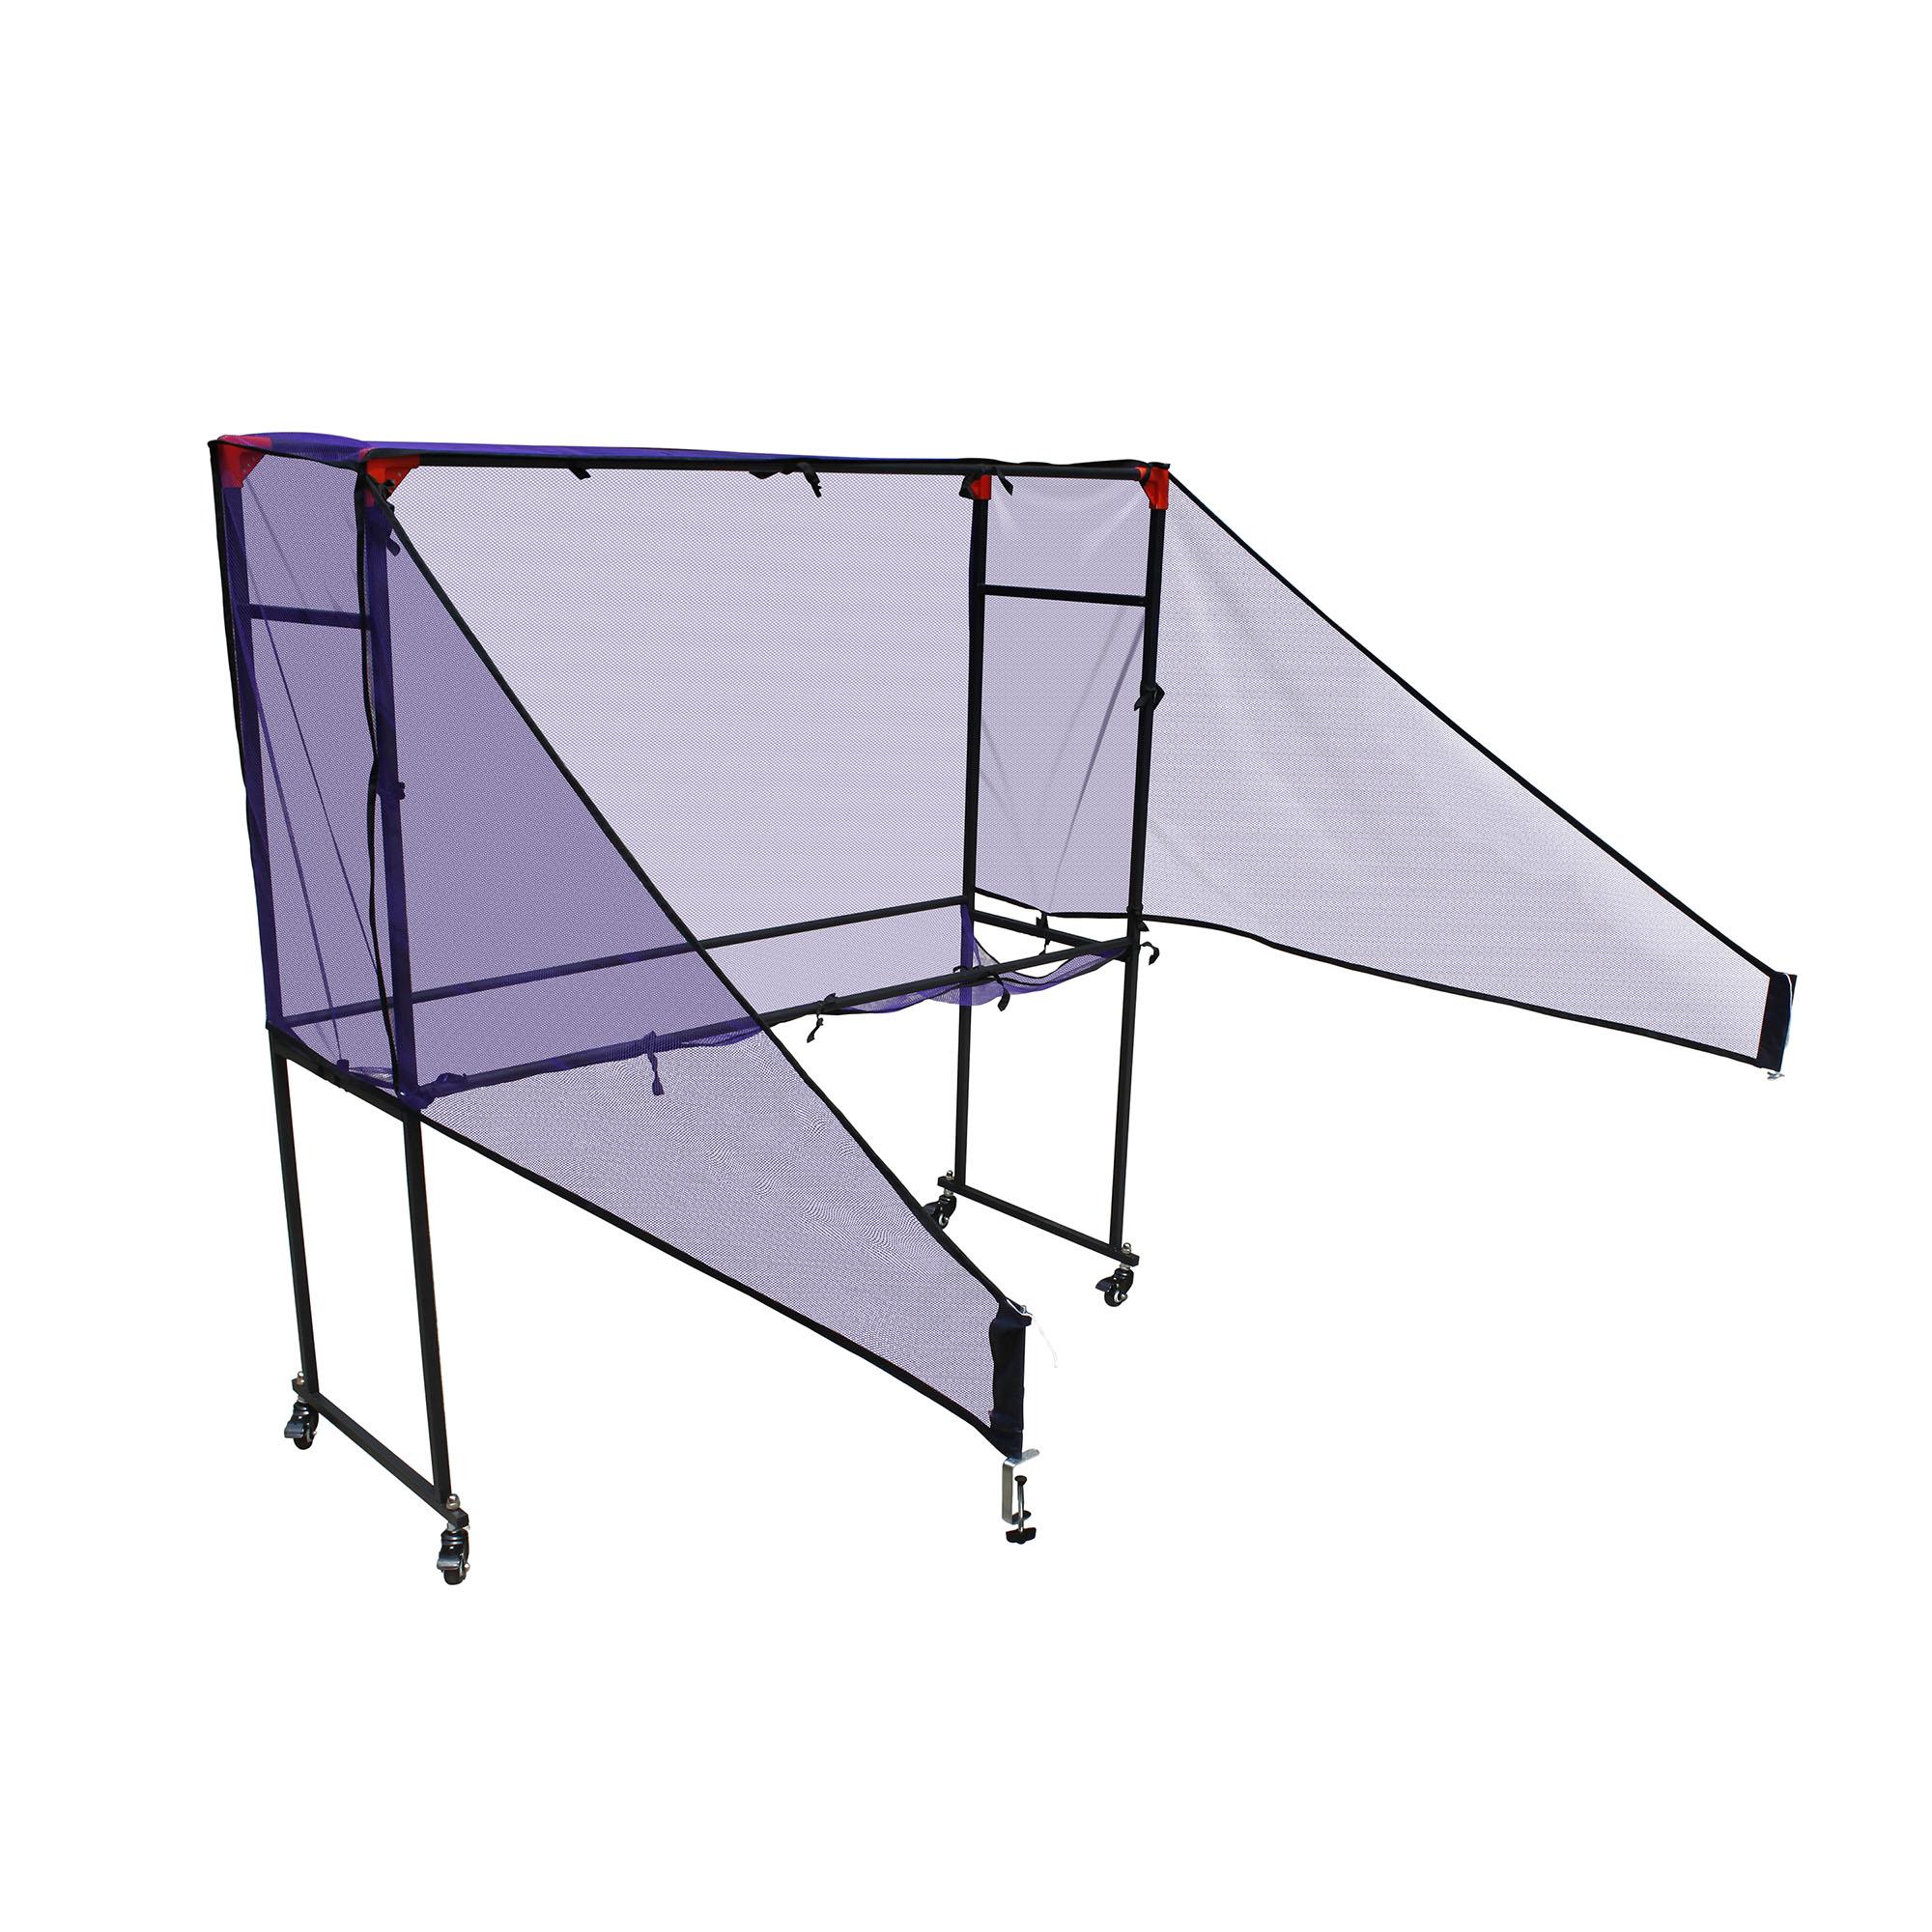 Receptor de Pelotas de tenis de mesa con laterales (AZU) 393